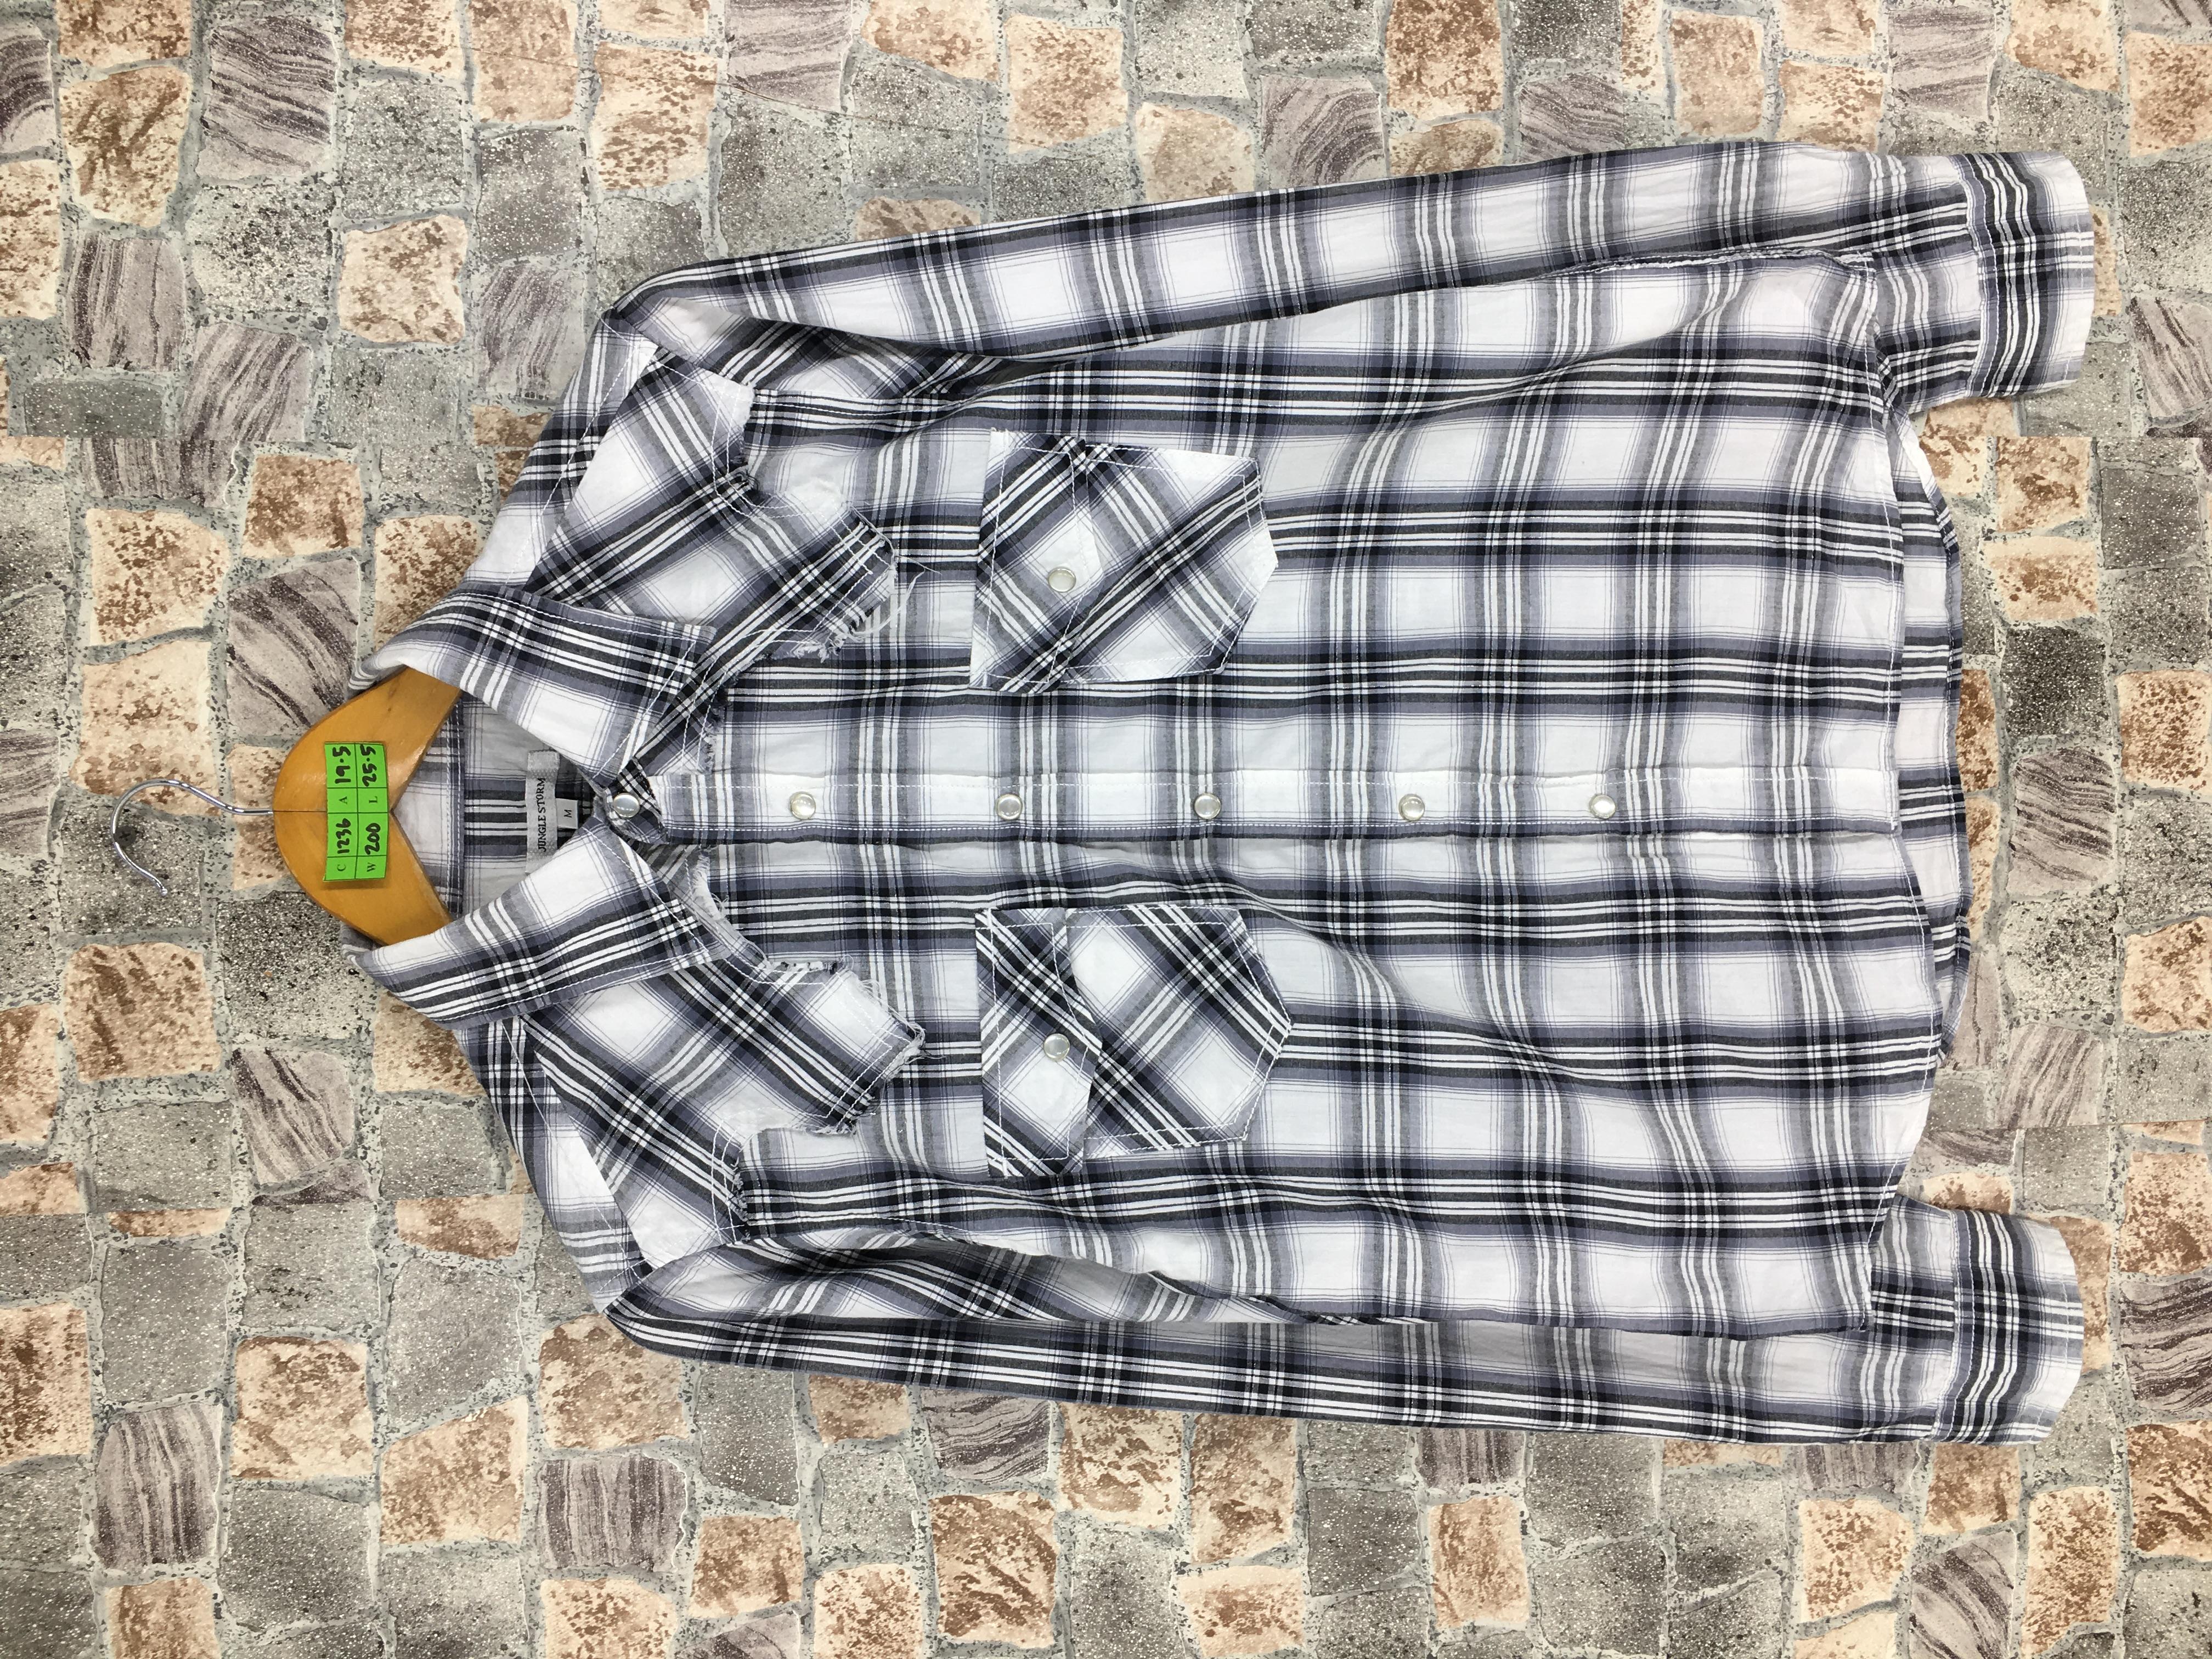 81873f339 Vintage Vintage Checkered Boyfriend Shirt Women Medium Plaid Shadow  Checkered White/black Hipster Minimalist Grunge Flannel Button Up Shirt  Size M | Grailed